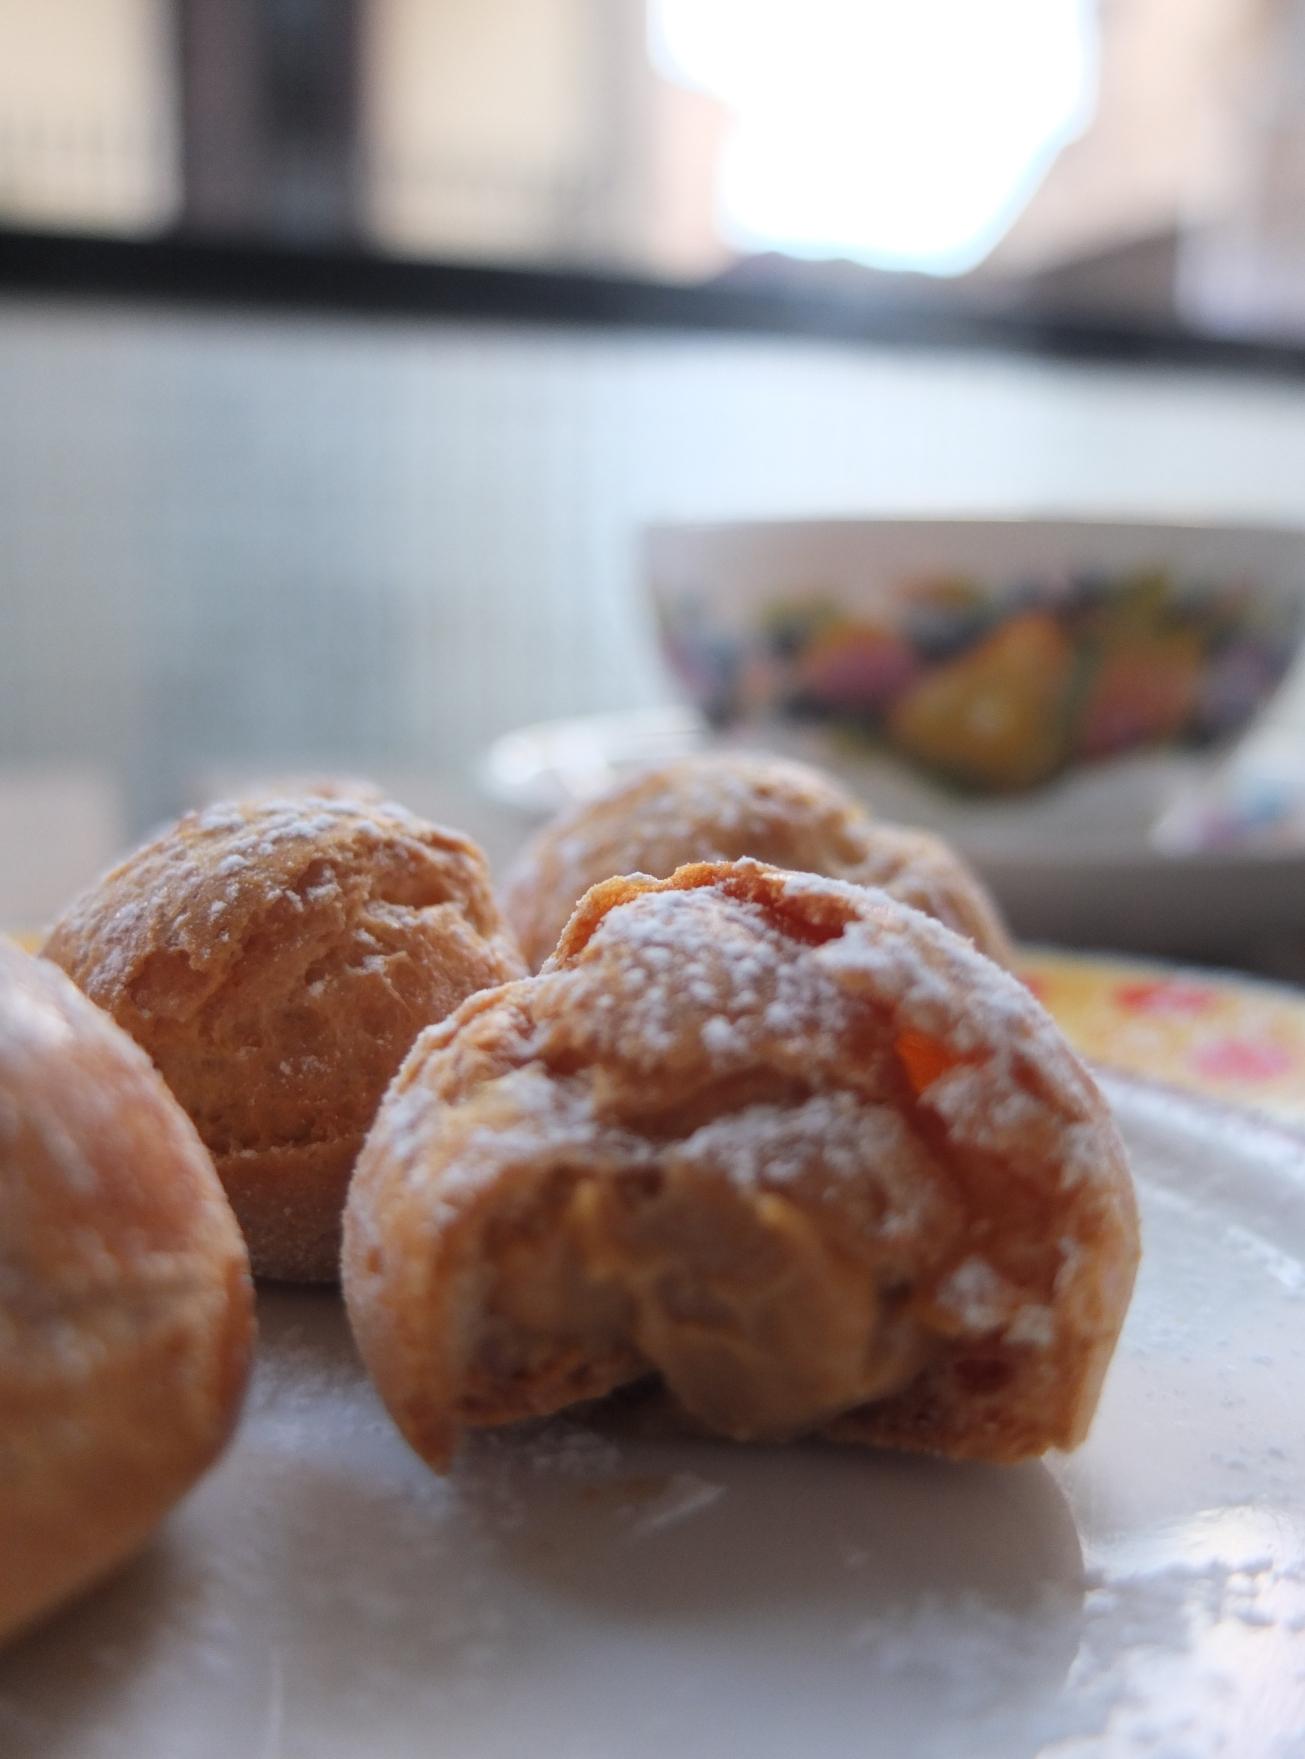 Salted caramel choux puffs